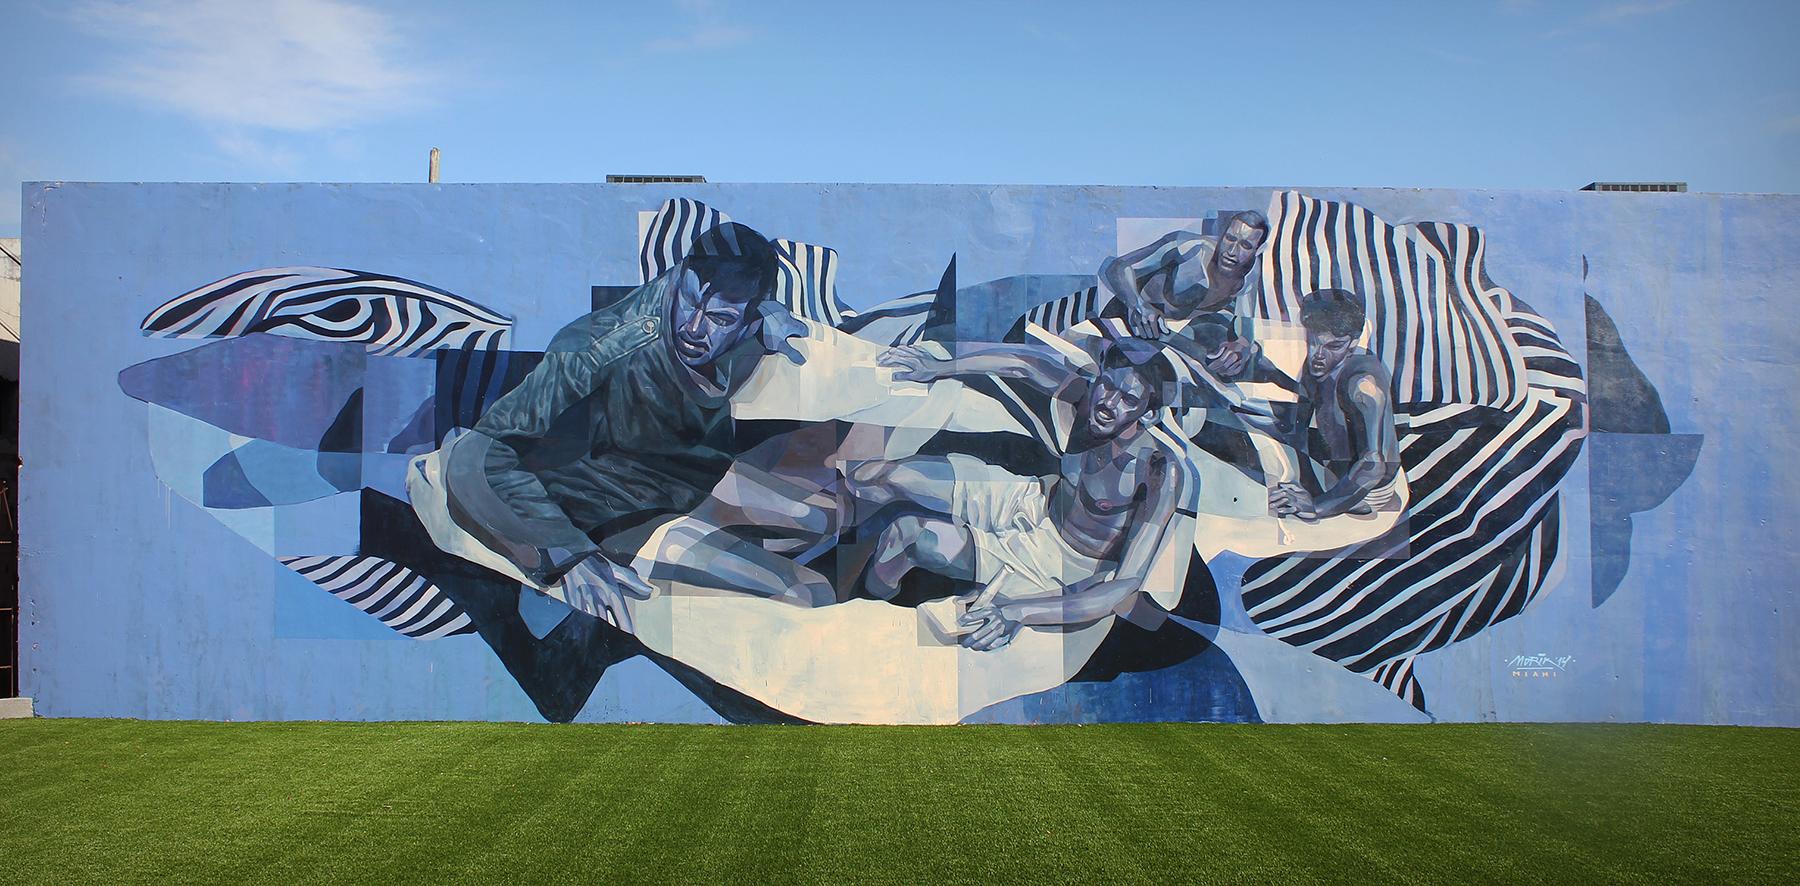 morik-new-mural-at-art-basel-2014-05